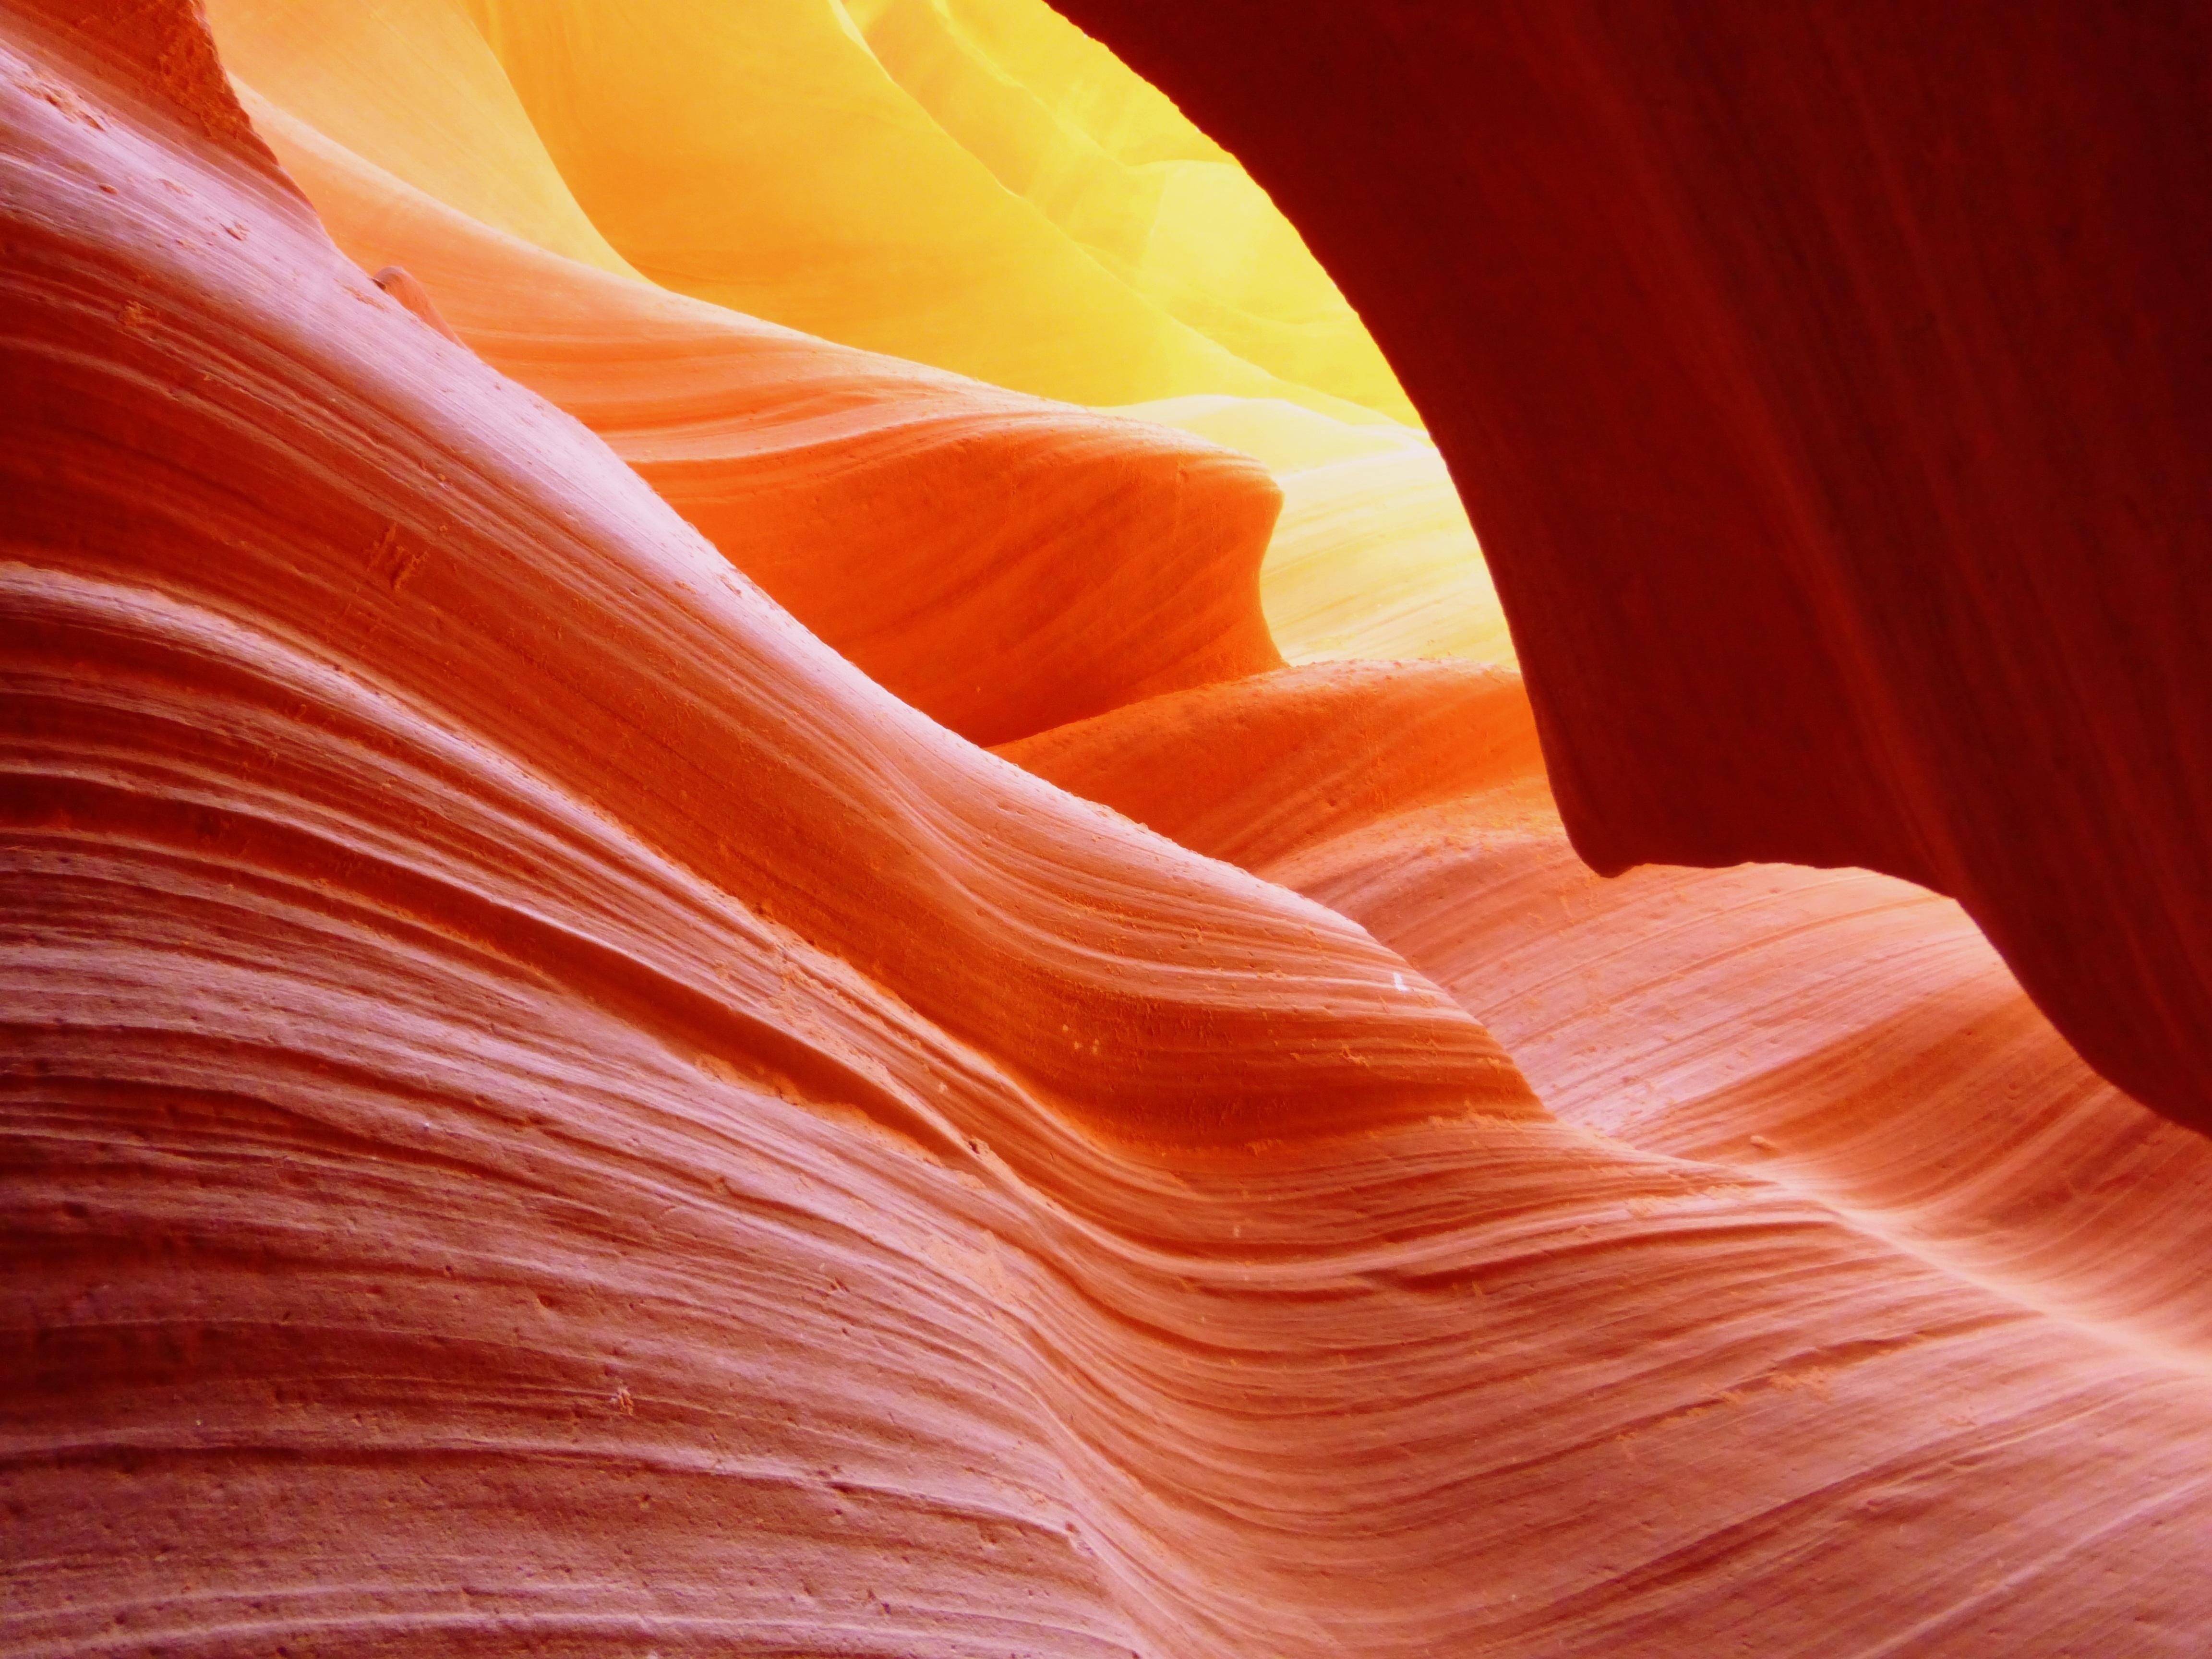 antelope-canyon-2087332